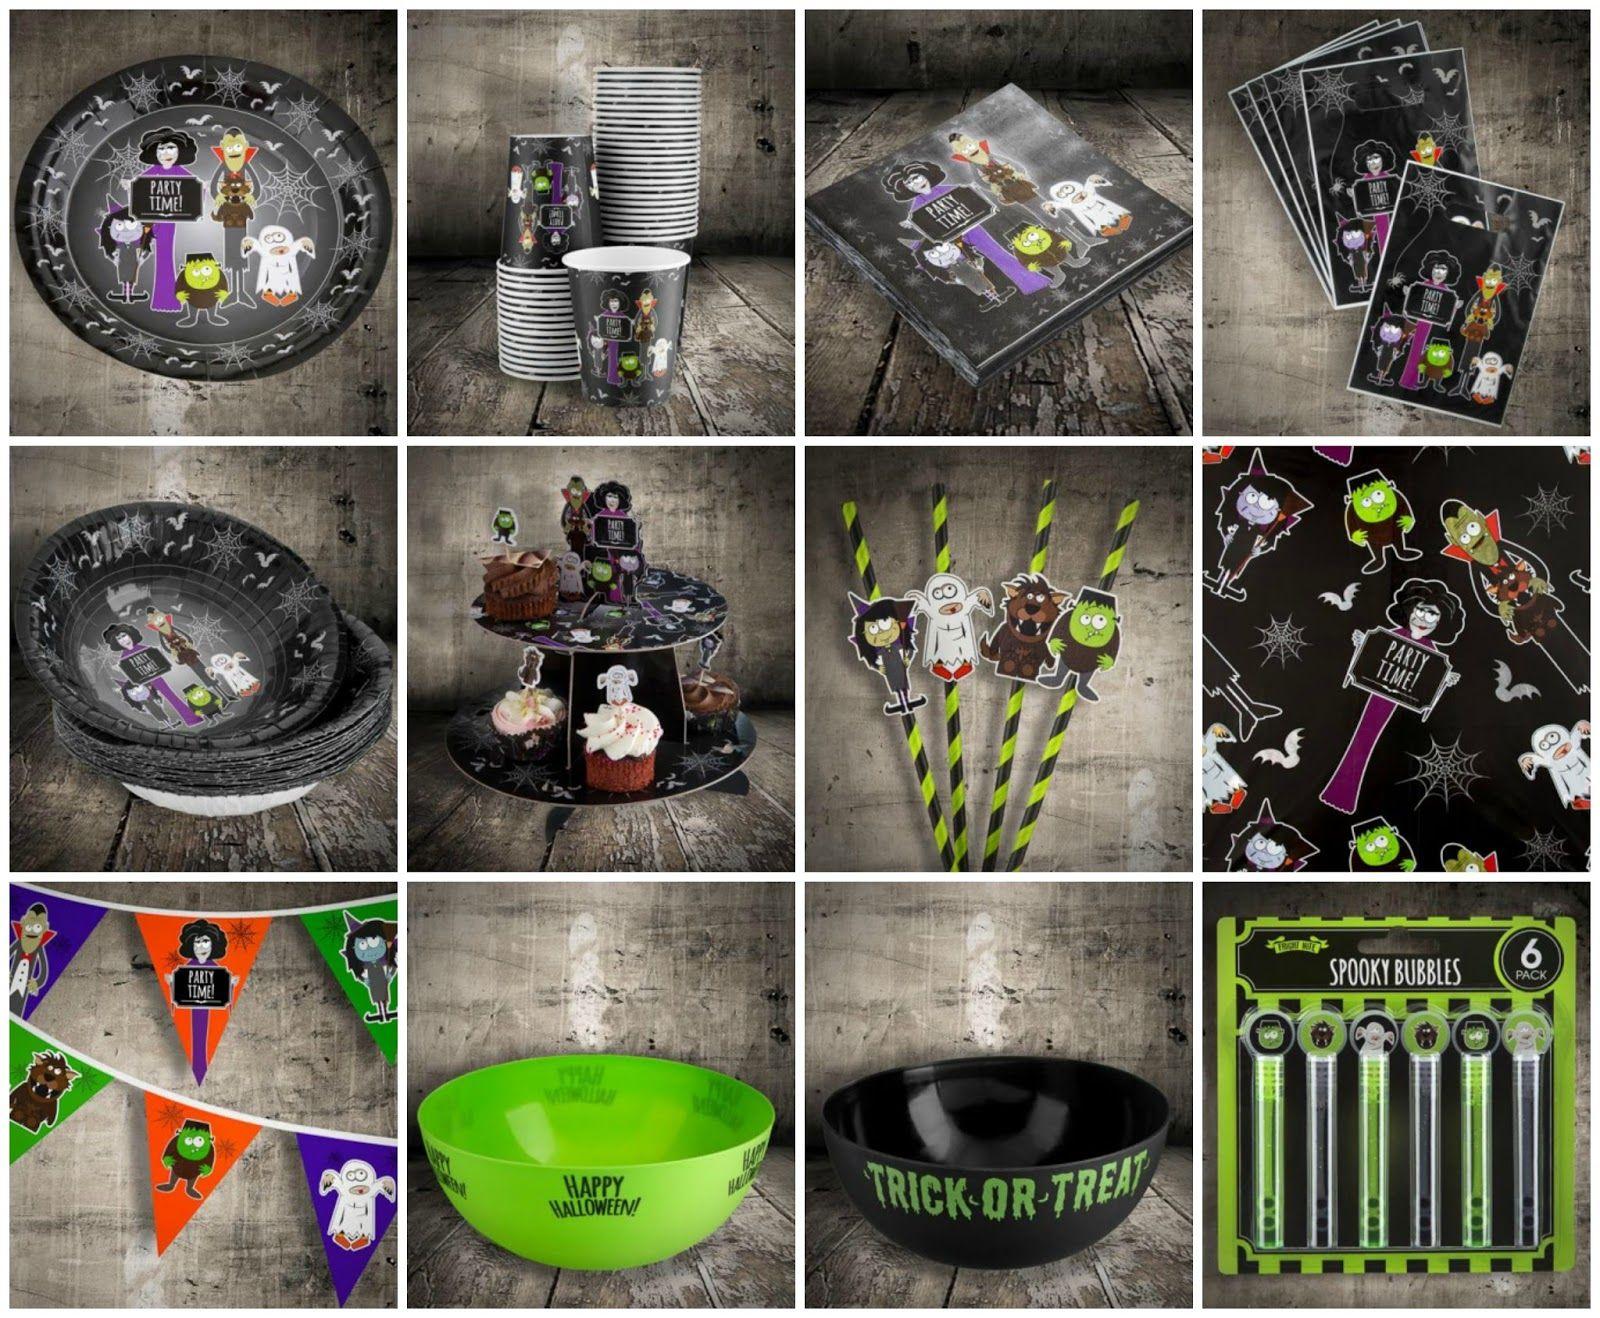 Party Ideas & Supplies #blogger #halloween #partyideas x